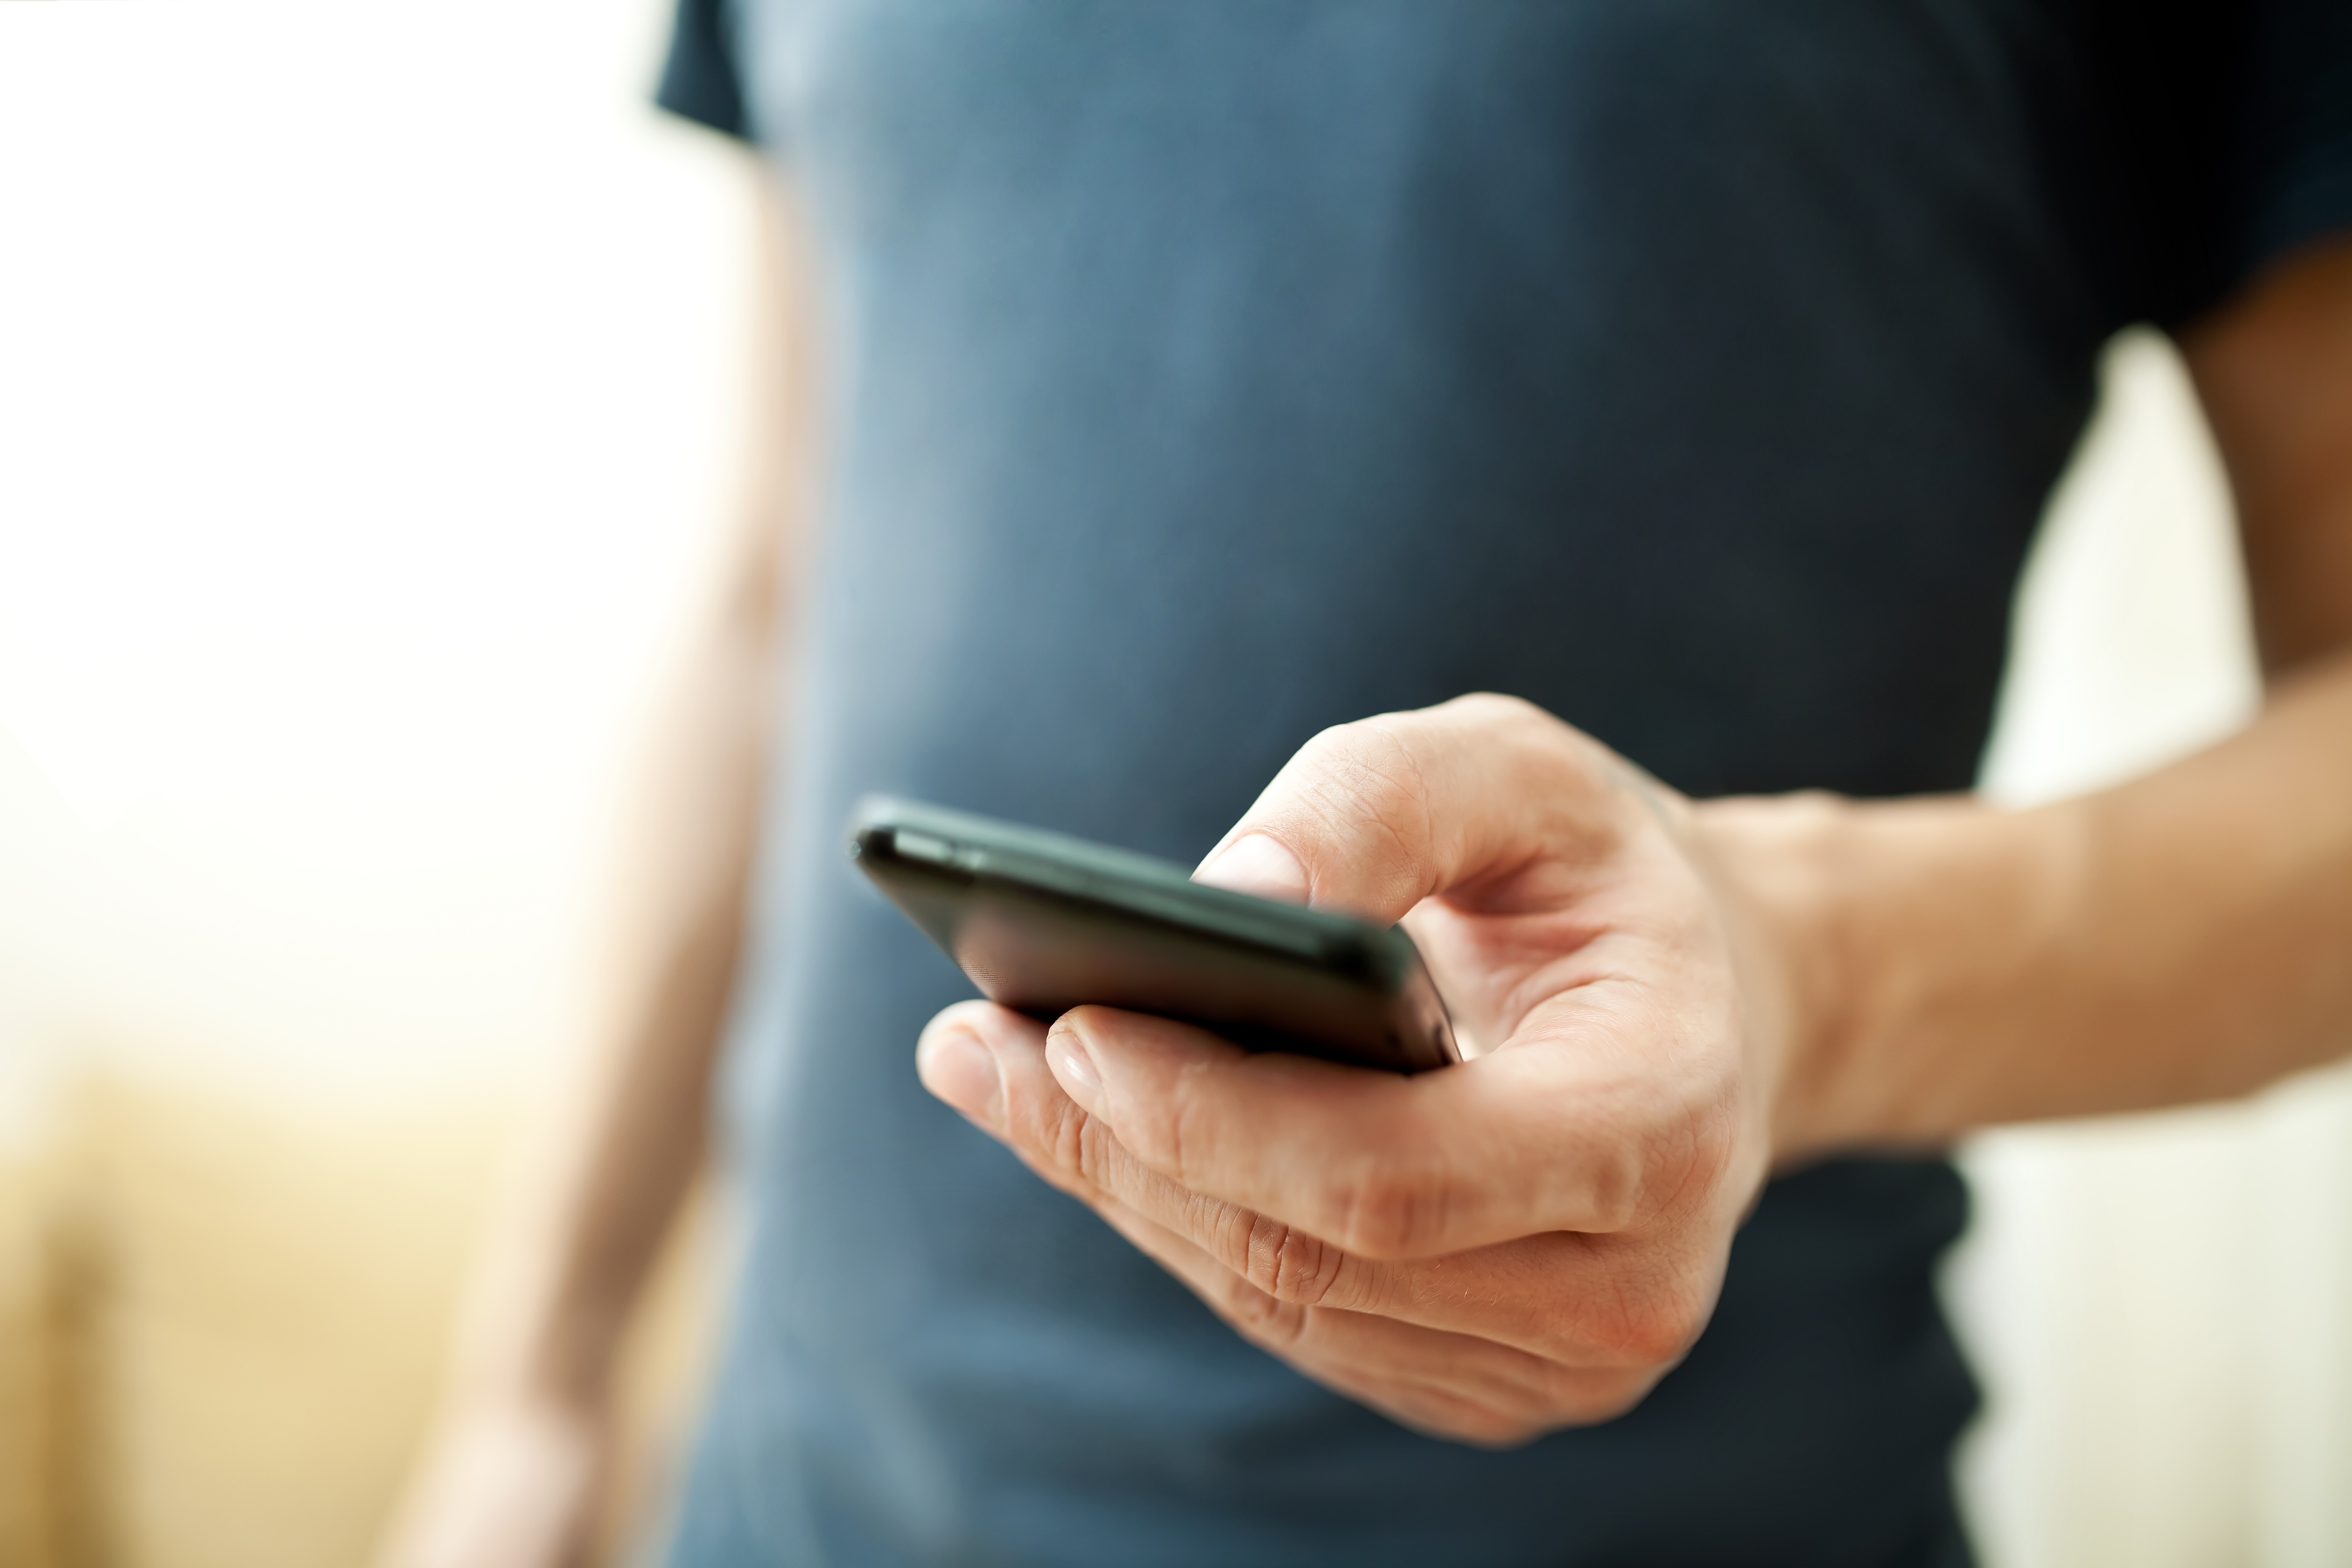 D'après l'enquête TripBarometer de TripAdvisor, 9 voyageurs français sur 10 ne partent pas en vacances sans leur téléphone mobile, et 71 % des hôteliers français quant à eux utilisent les médias sociaux. © Maksim Kostenko - Fotolia.com